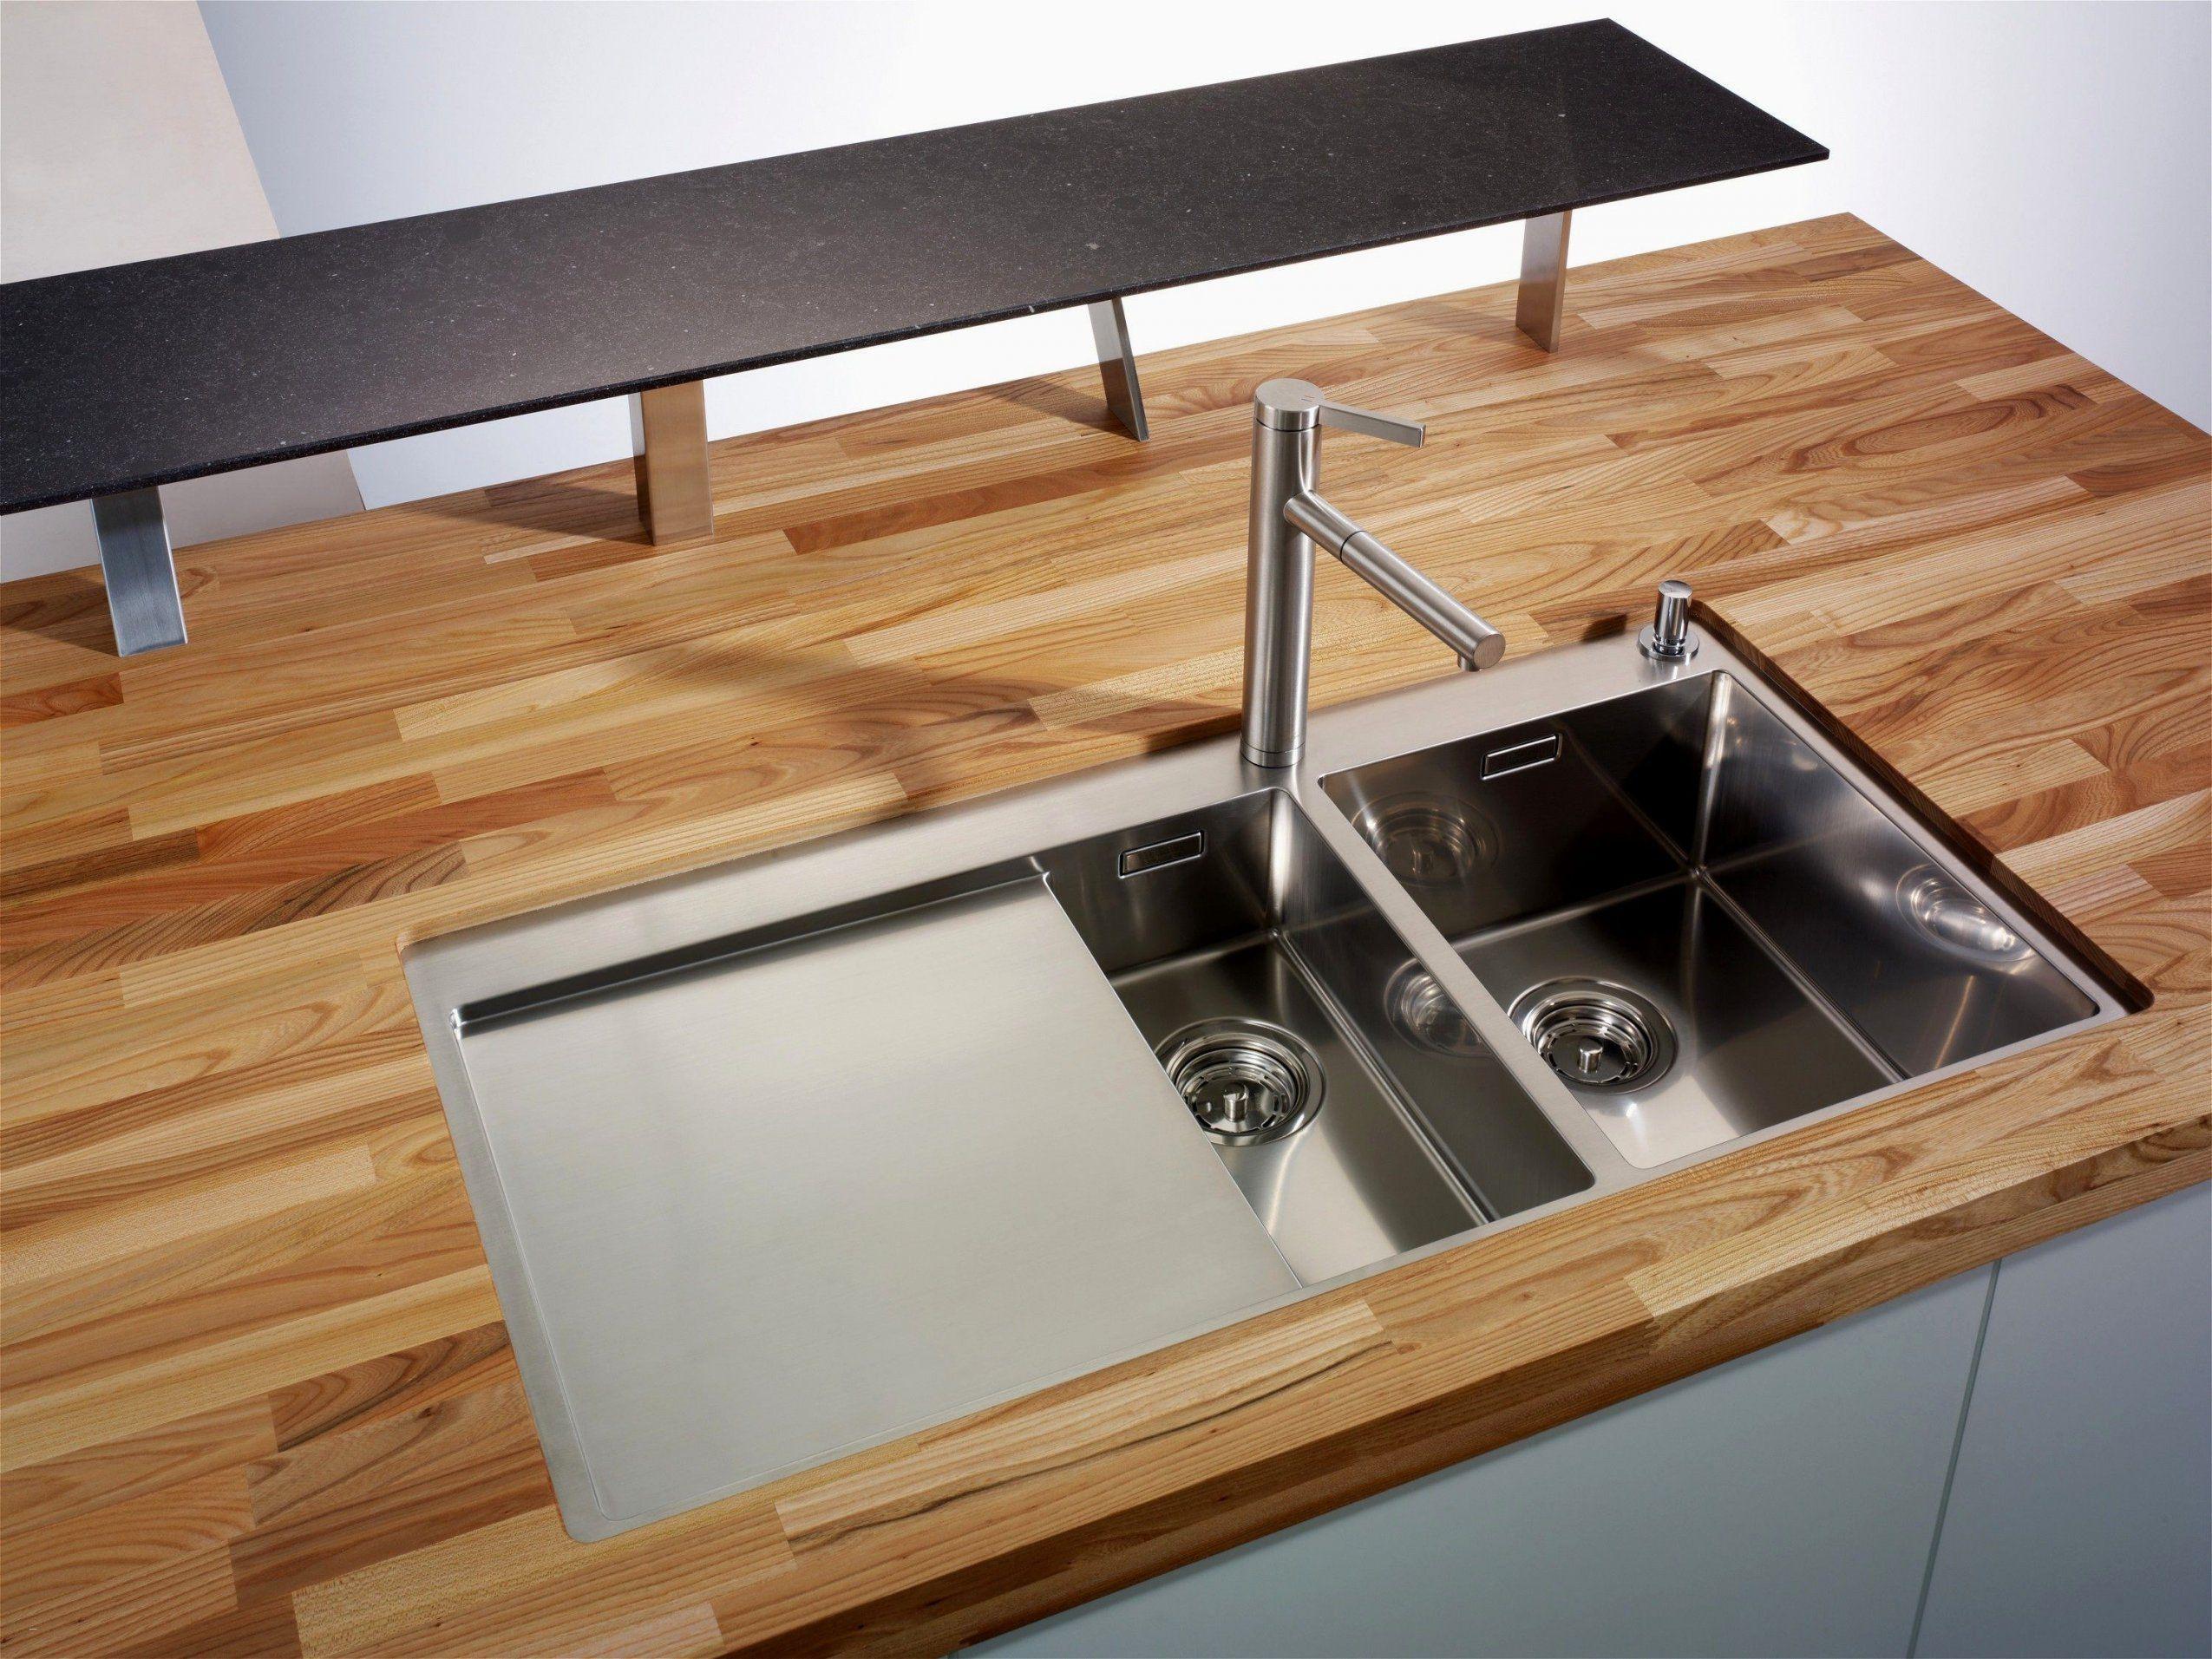 Full Size of Eckunterschrank Küche Ohne Arbeitsplatte Eckunterschrank Küche Eiche Ikea Küche Eckunterschrank Maße Eckunterschrank Küche 60x60 Küche Eckunterschrank Küche